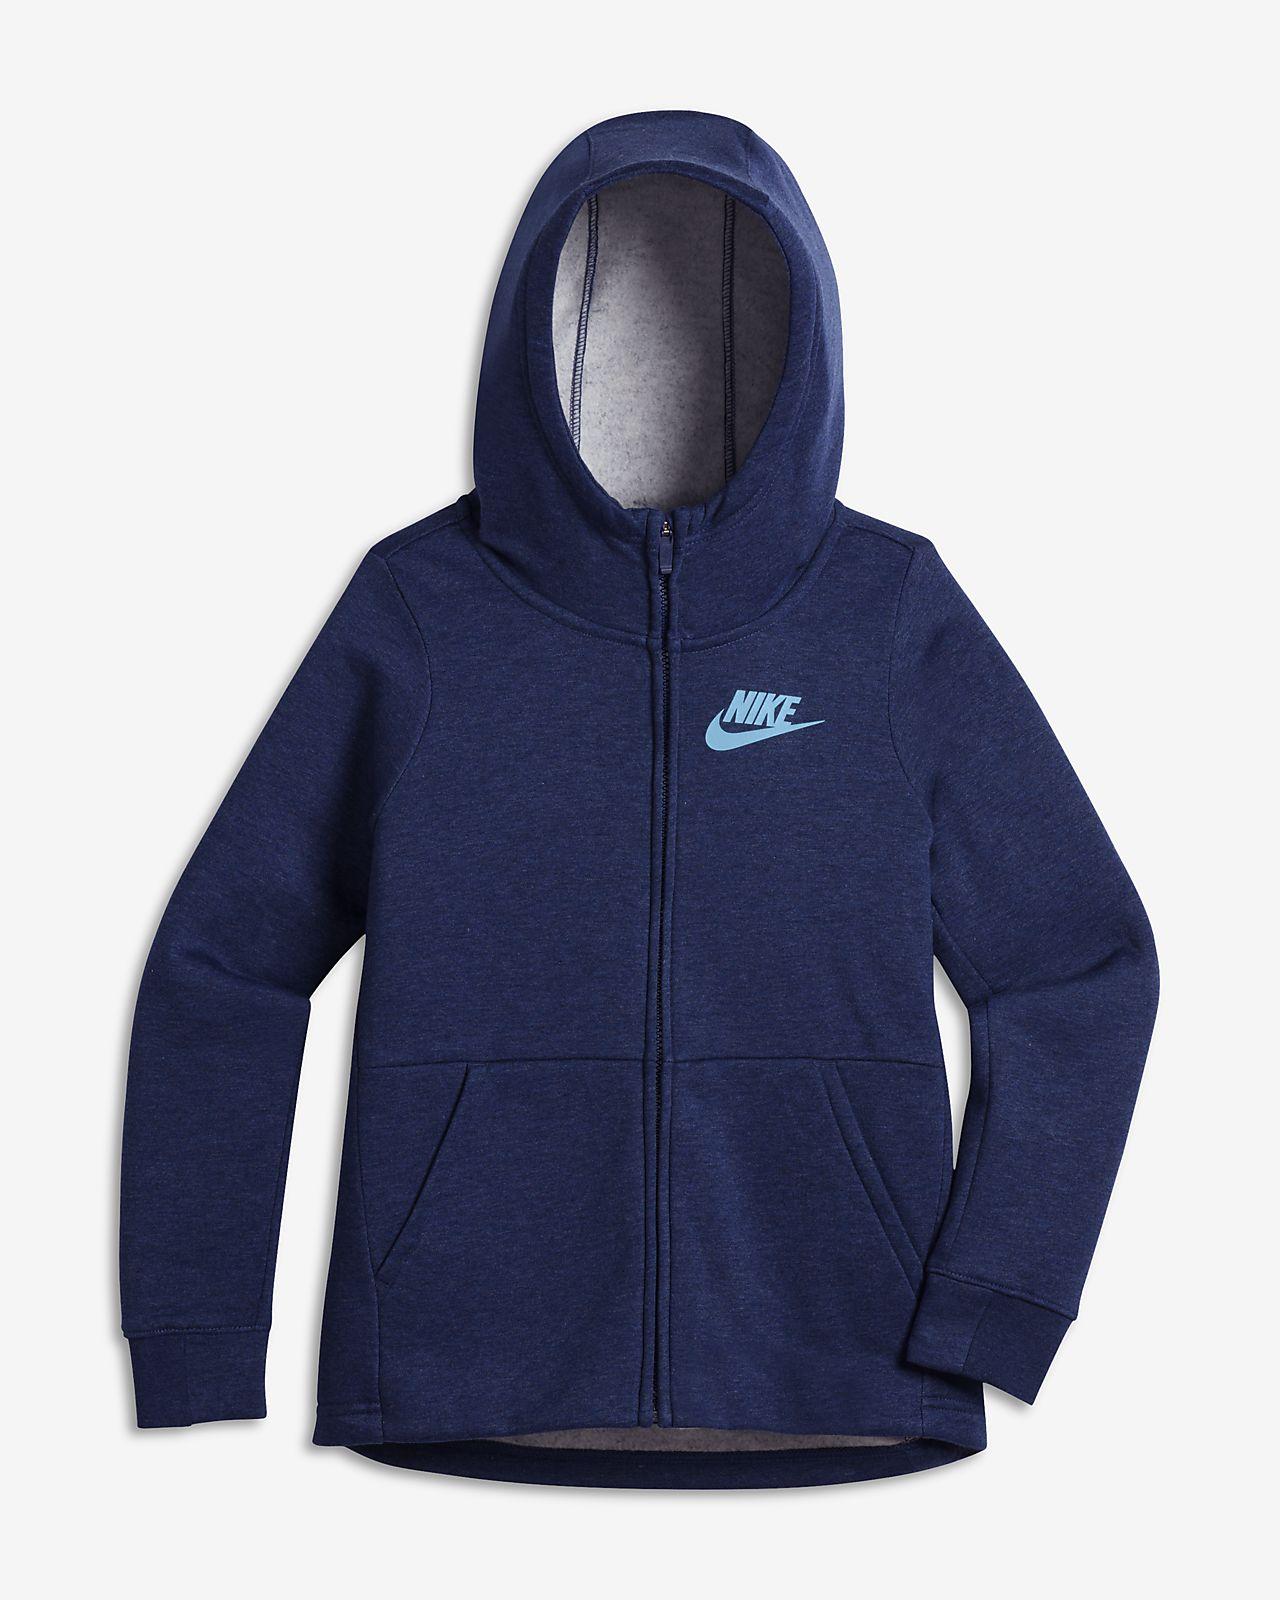 Худи с молнией во всю длину для девочек школьного возраста Nike Sportswear